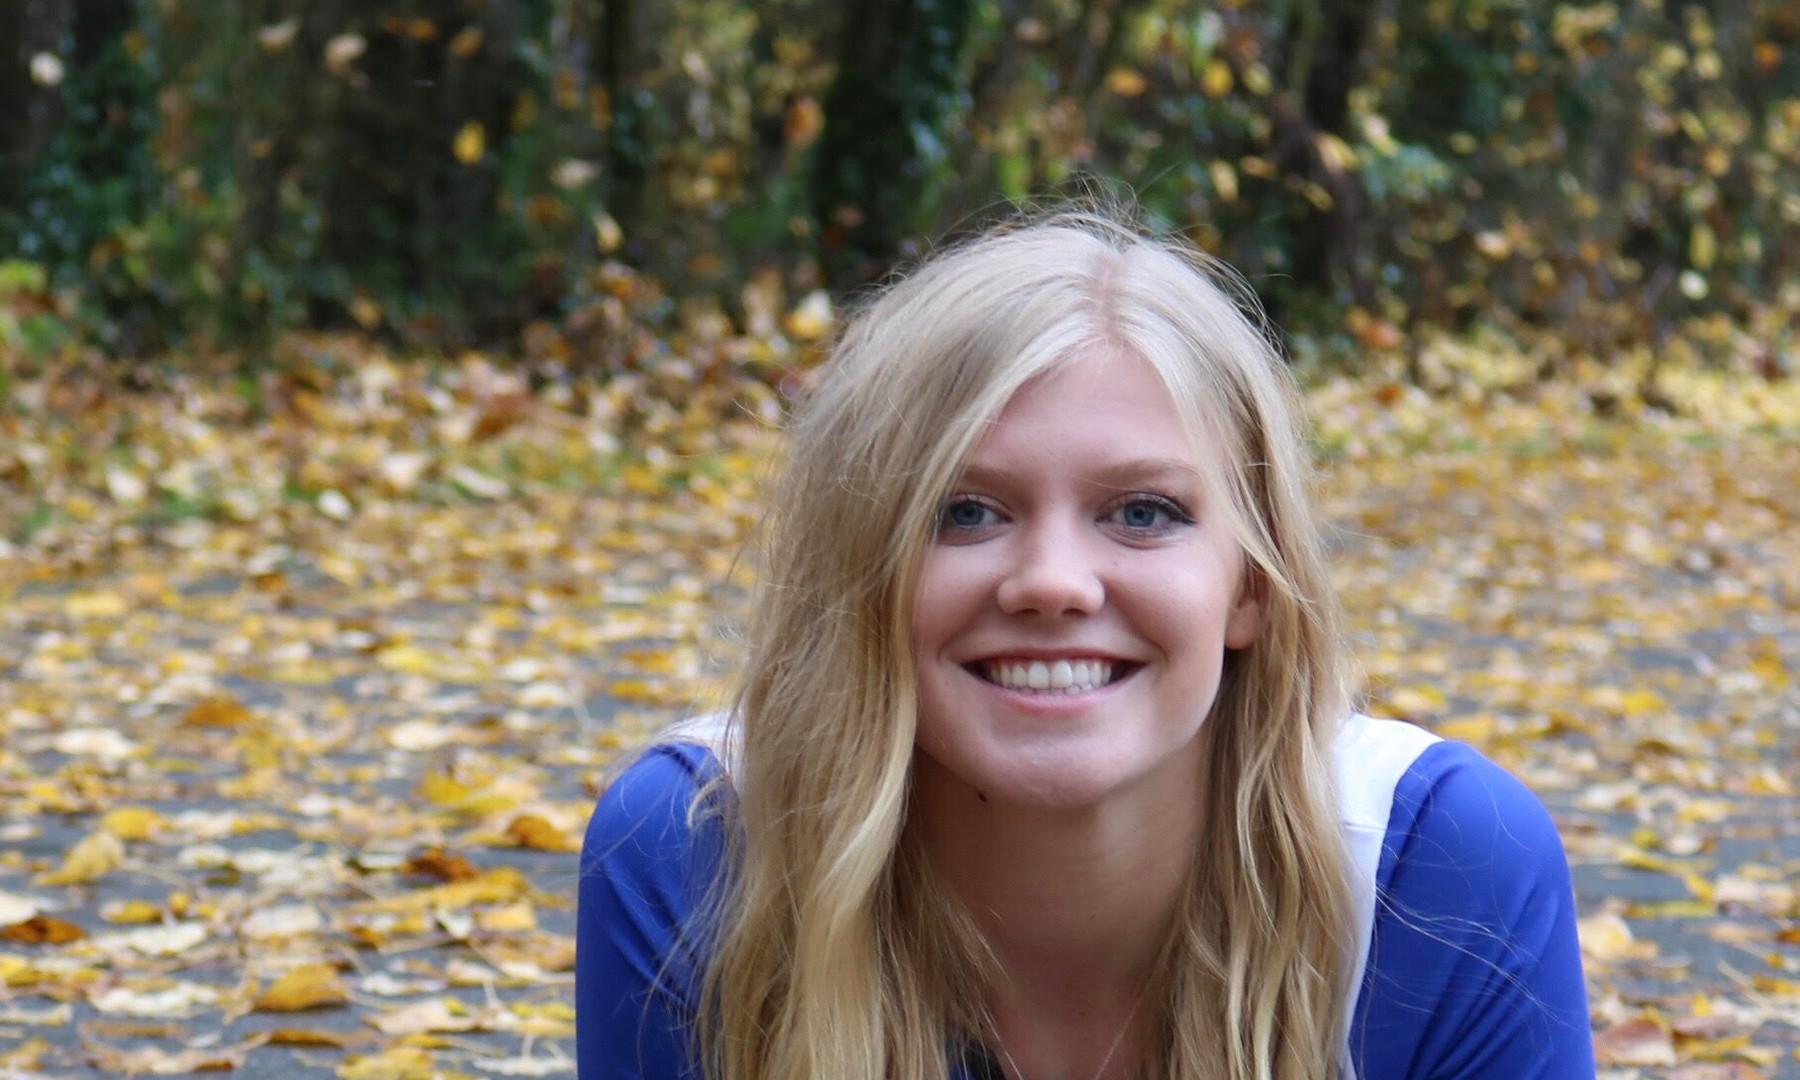 McKenzie Schmitt